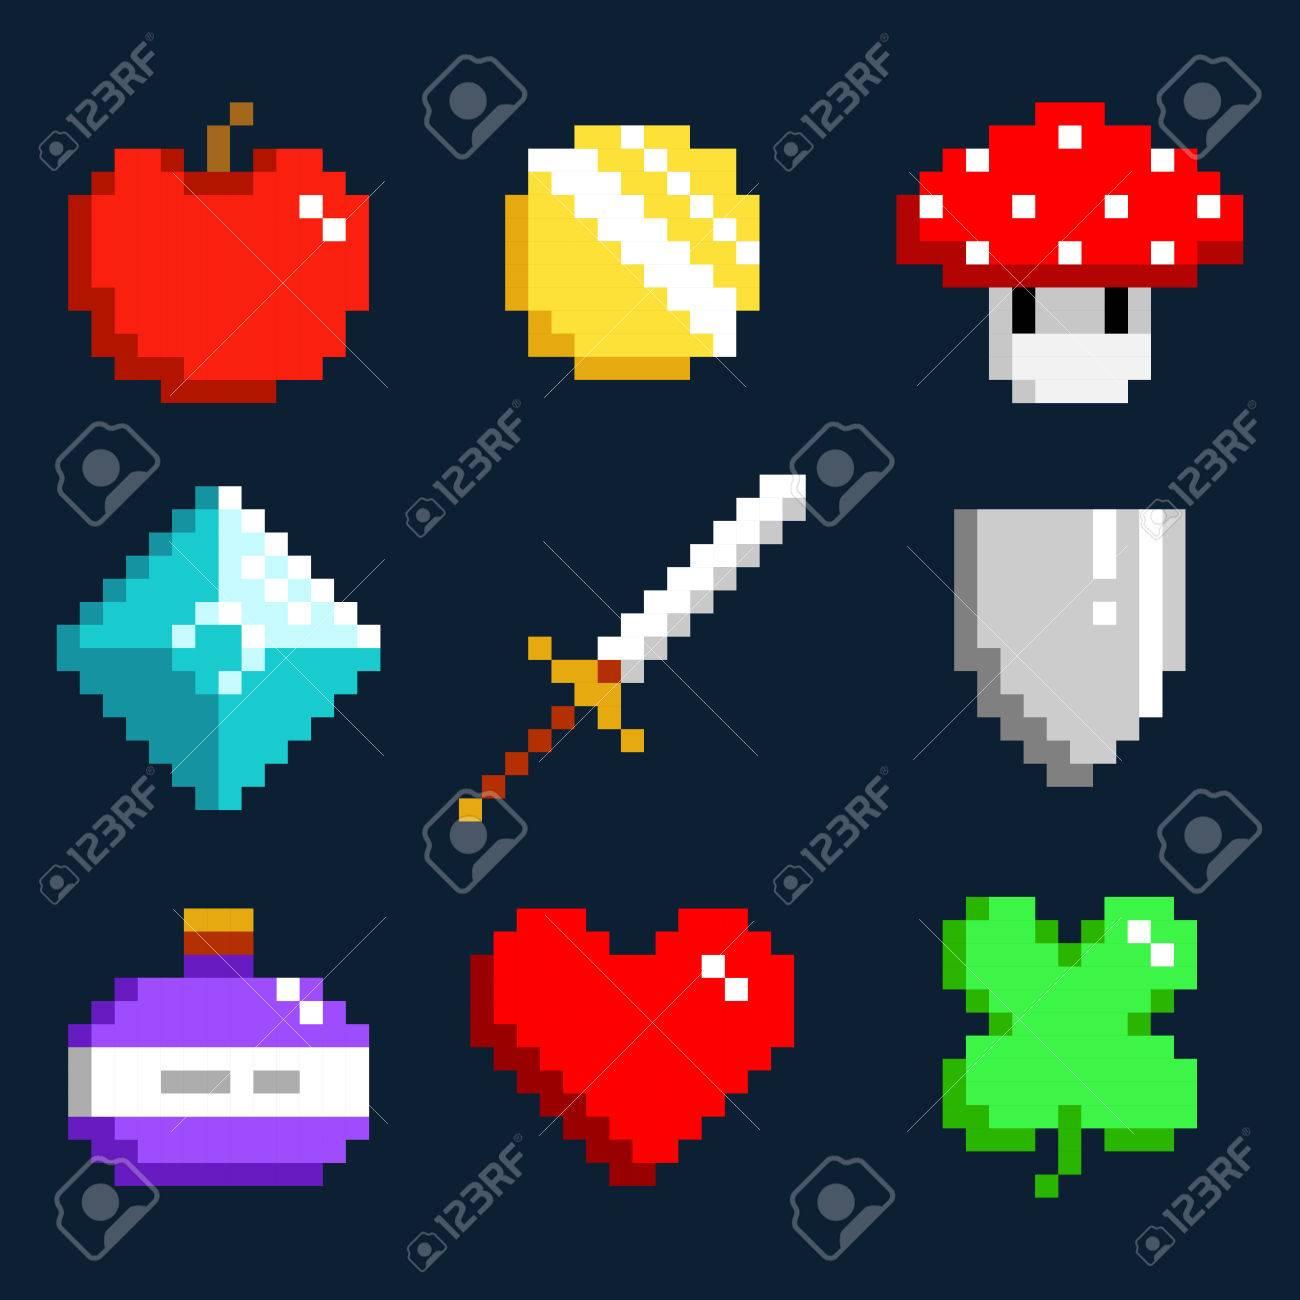 Ensemble De Vecteur Pixel Art Minimaliste Objets Isolés Jeu 8 Bits Style Pixel Minimalistic Symboles Graphiques Collection De Groupe Pomme Pièce